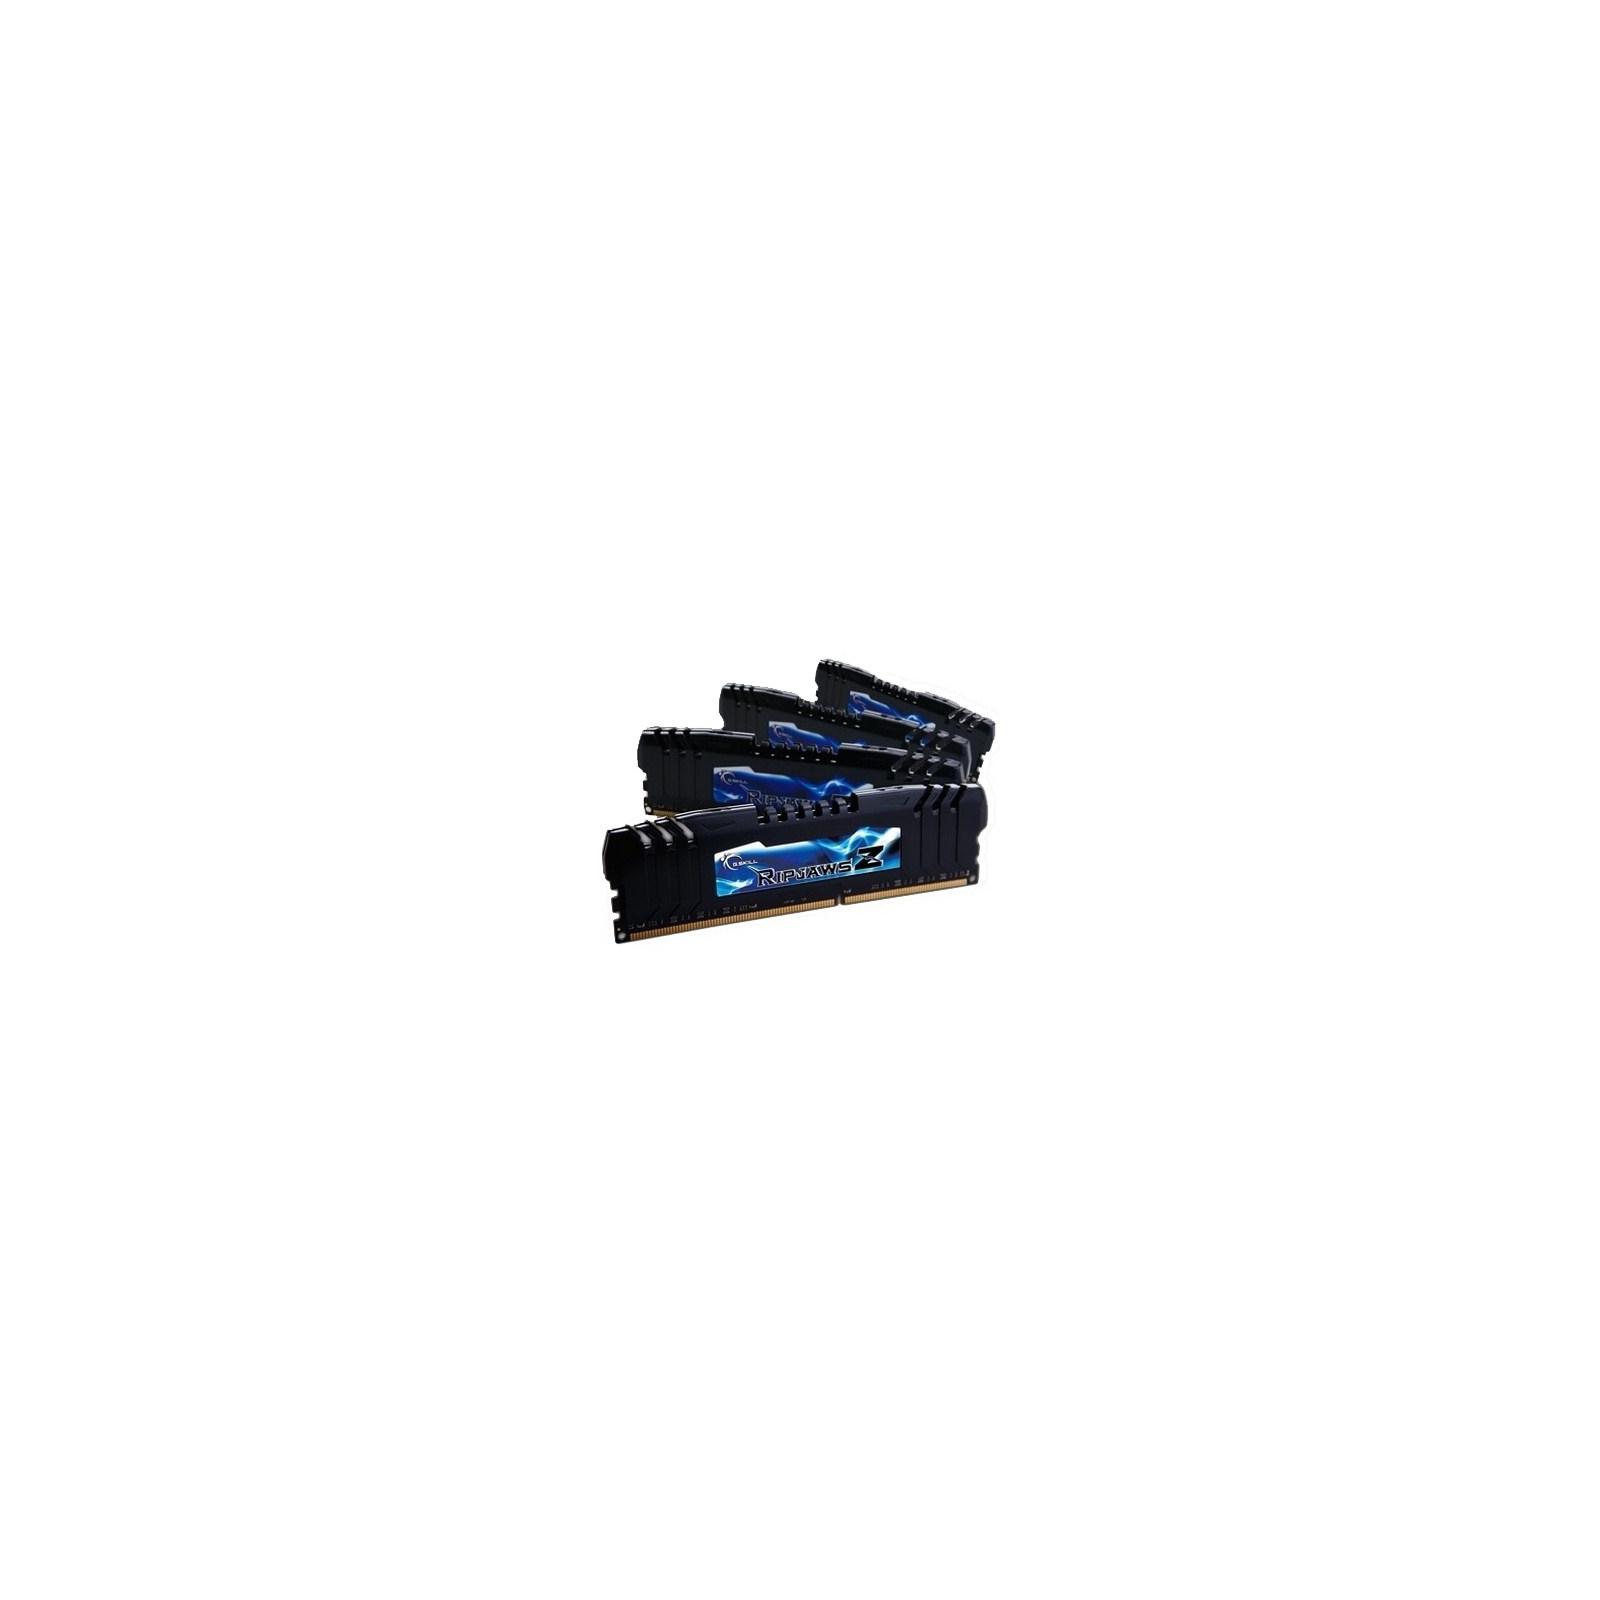 Модуль памяти для компьютера DDR3 32GB (4x8GB) 2133 MHz G.Skill (F3-2133C9Q-32GZH)